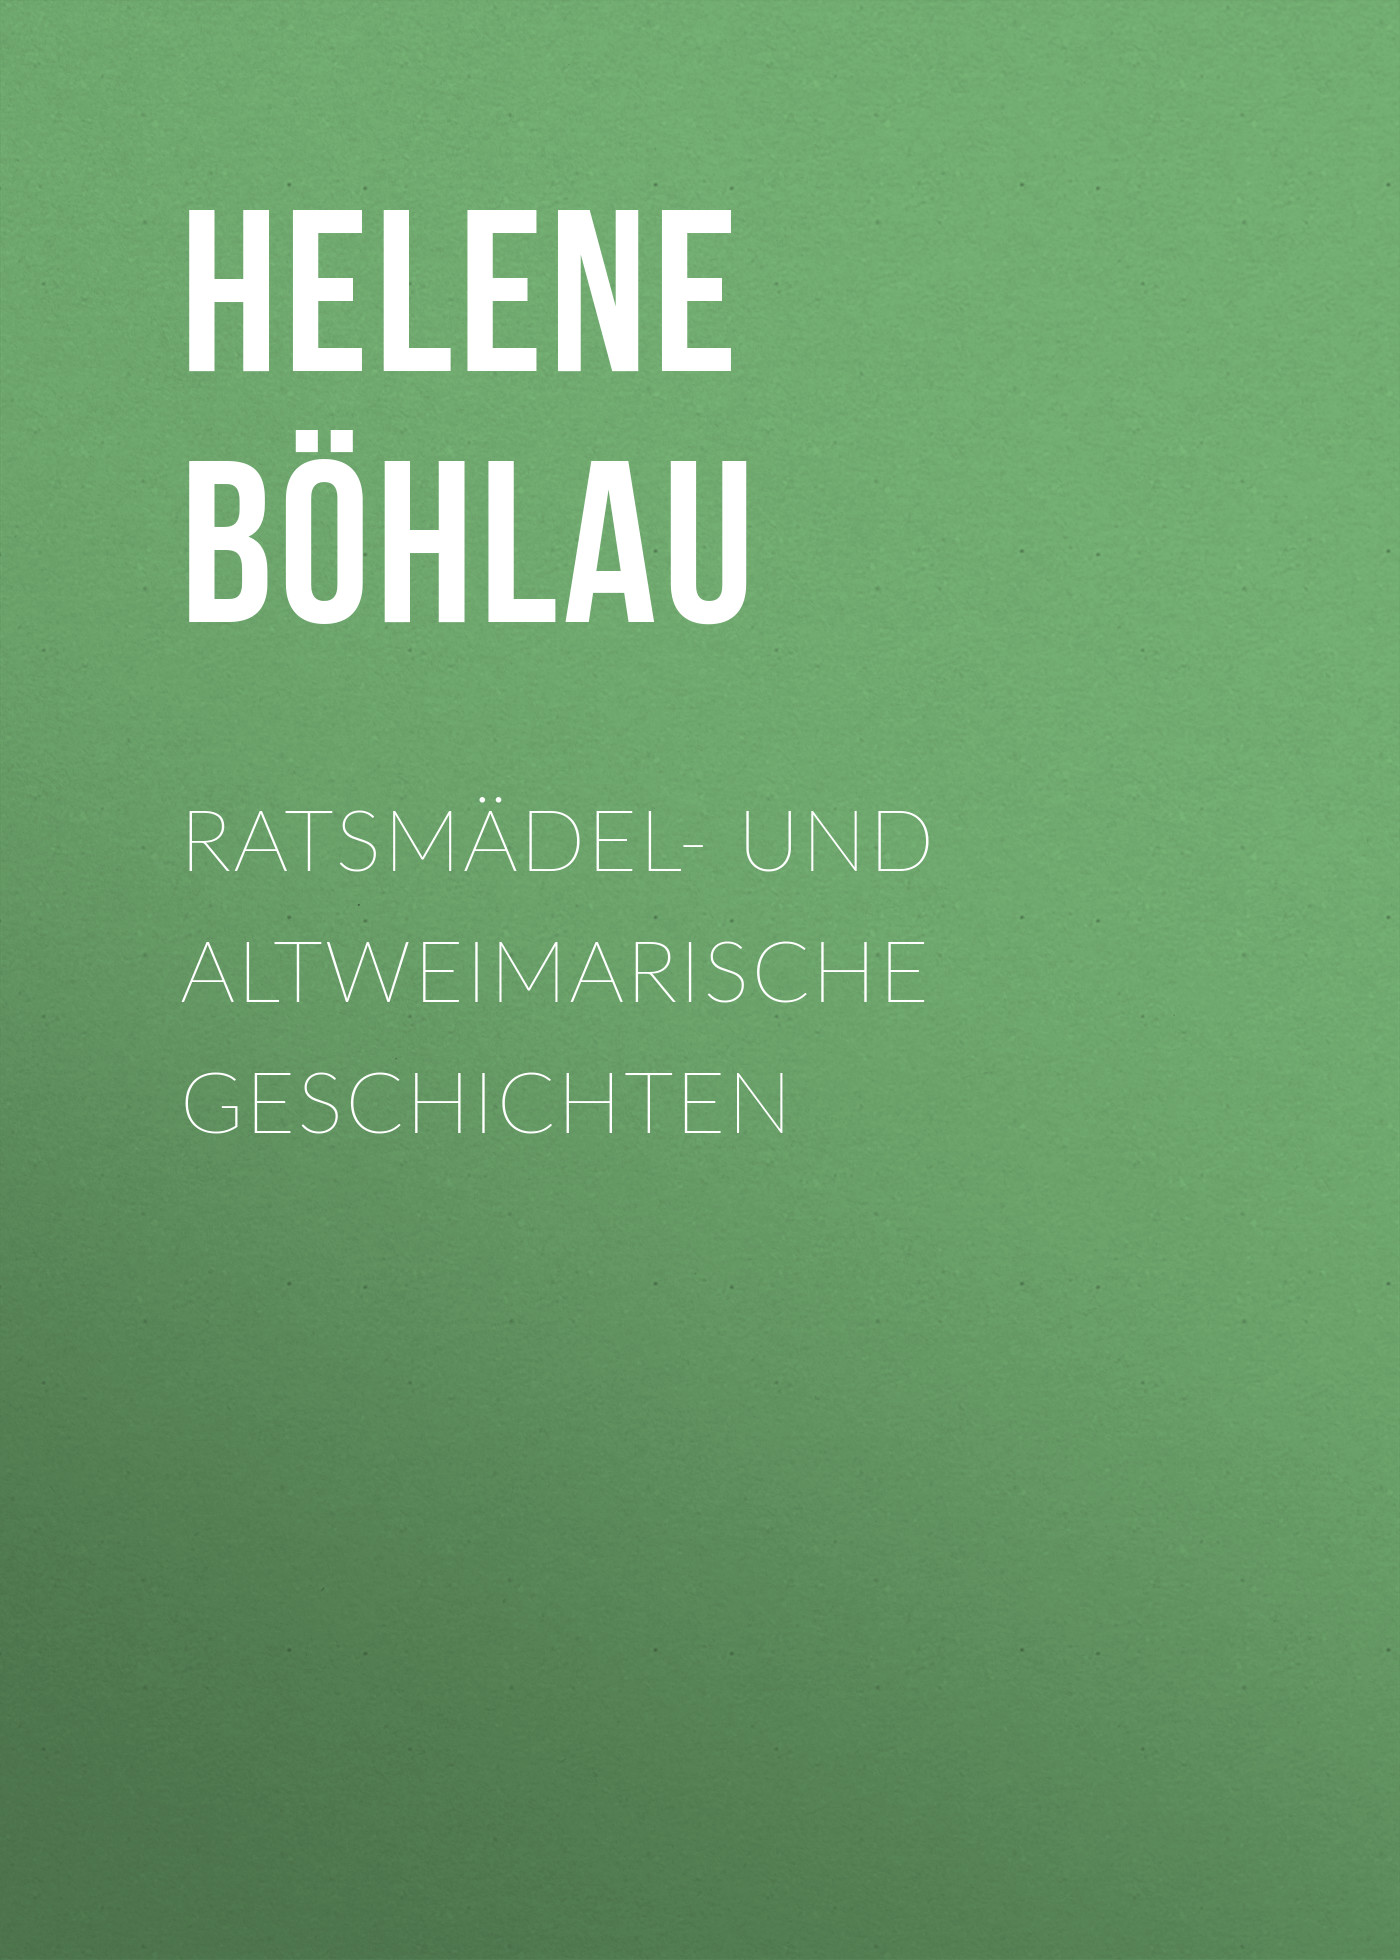 Böhlau Helene Ratsmädel- und Altweimarische Geschichten helene böhlau halbtier roman